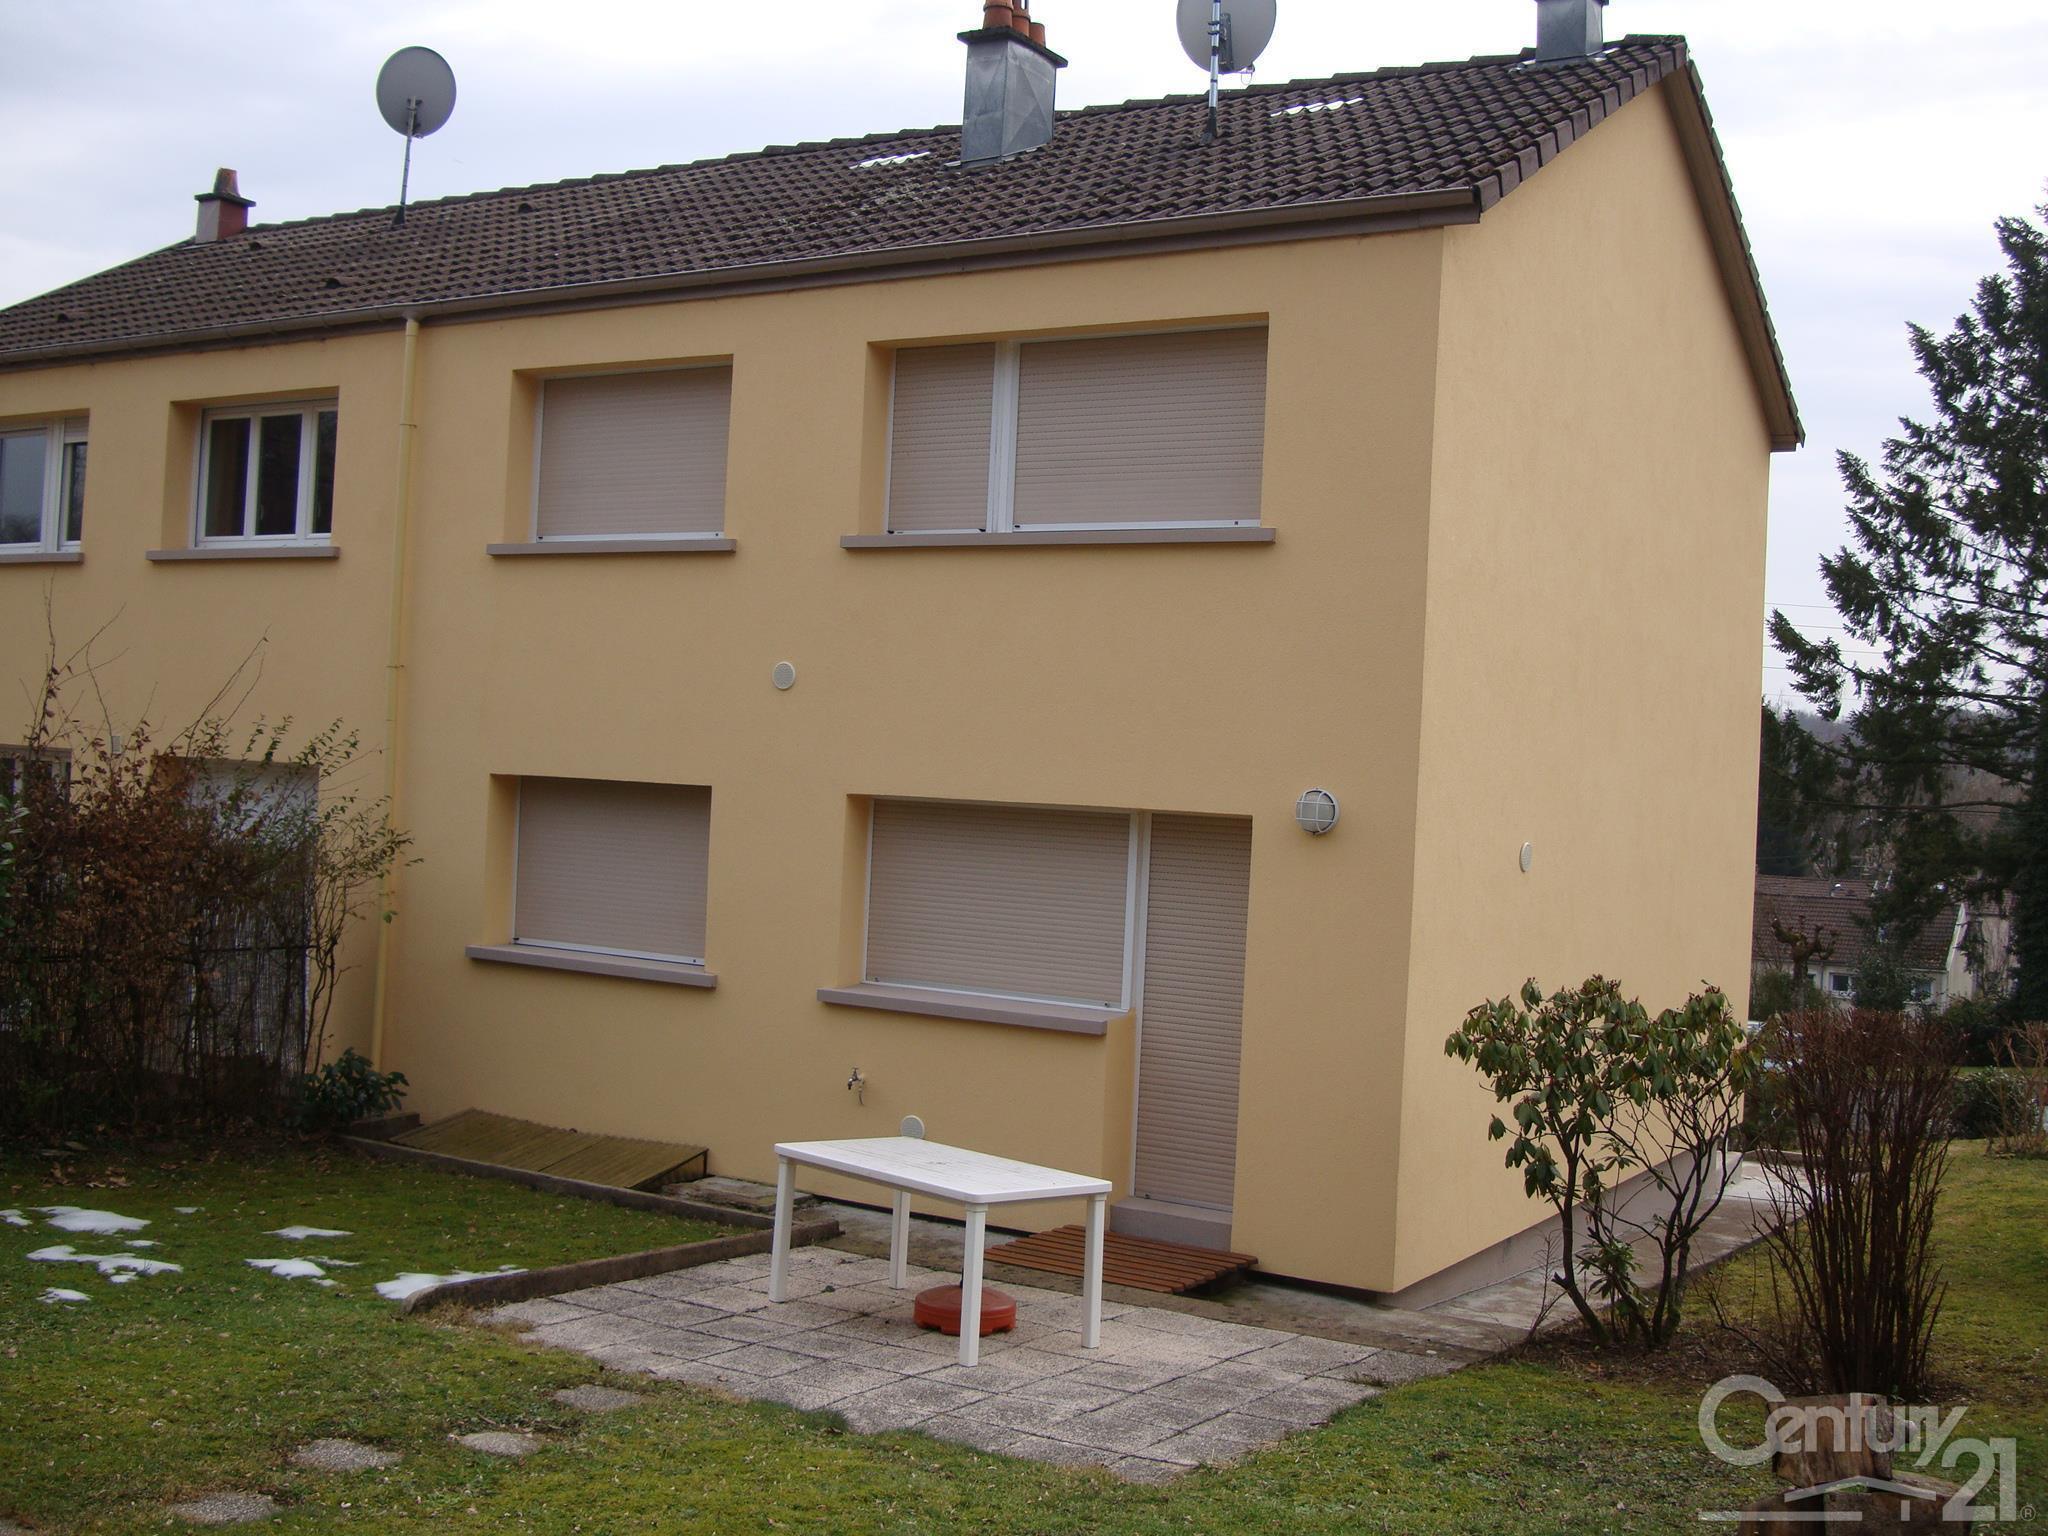 Annonce location maison andelnans 90400 90 m 925 for Annonce location maison